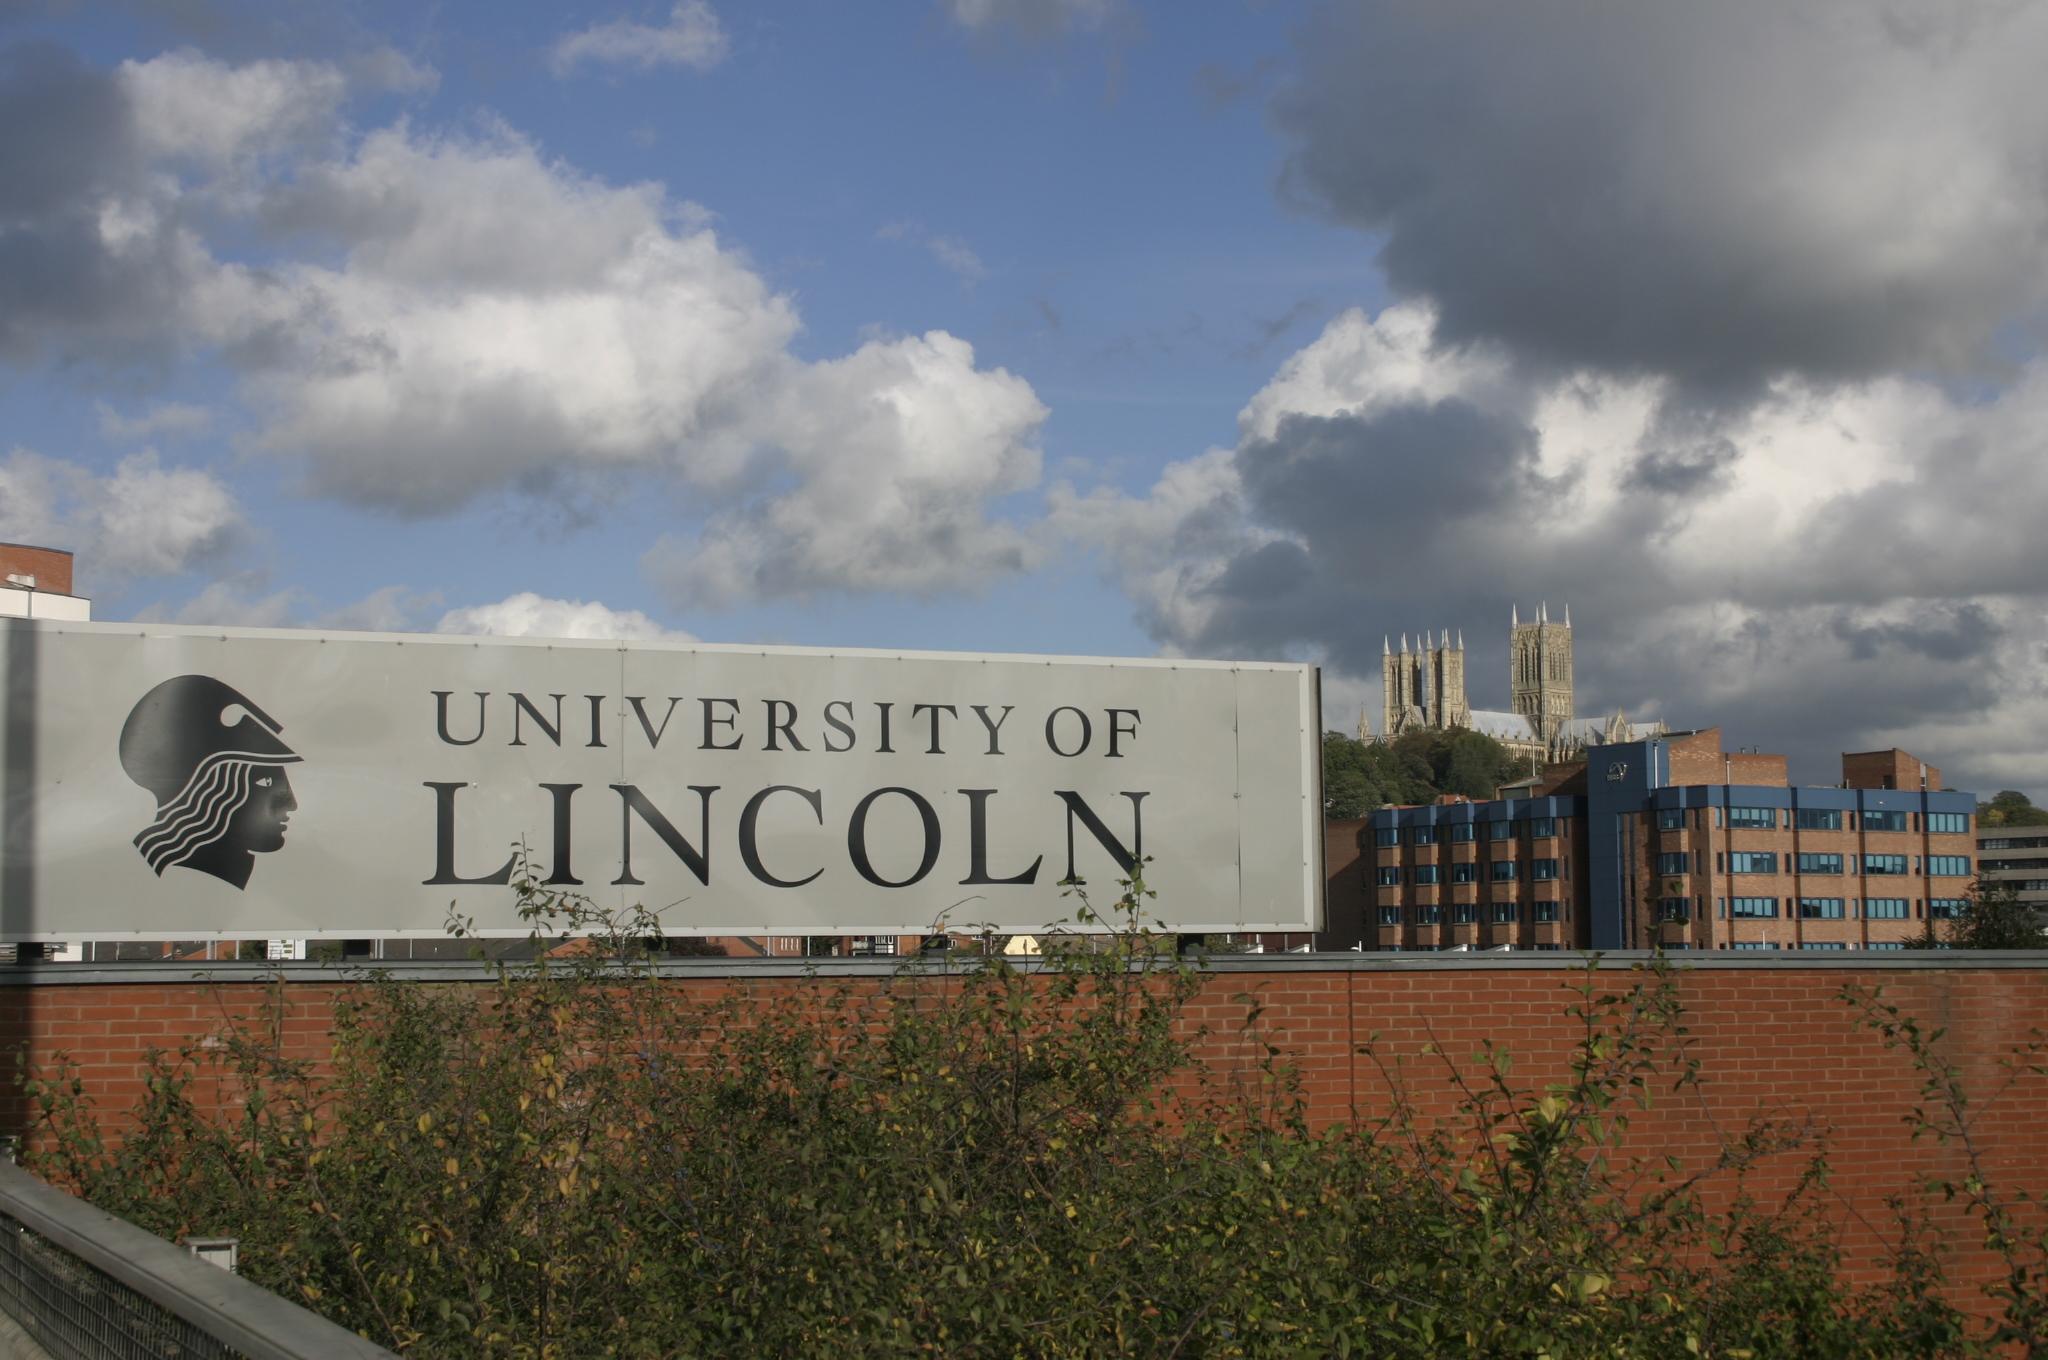 Description uk university of lincoln logosign